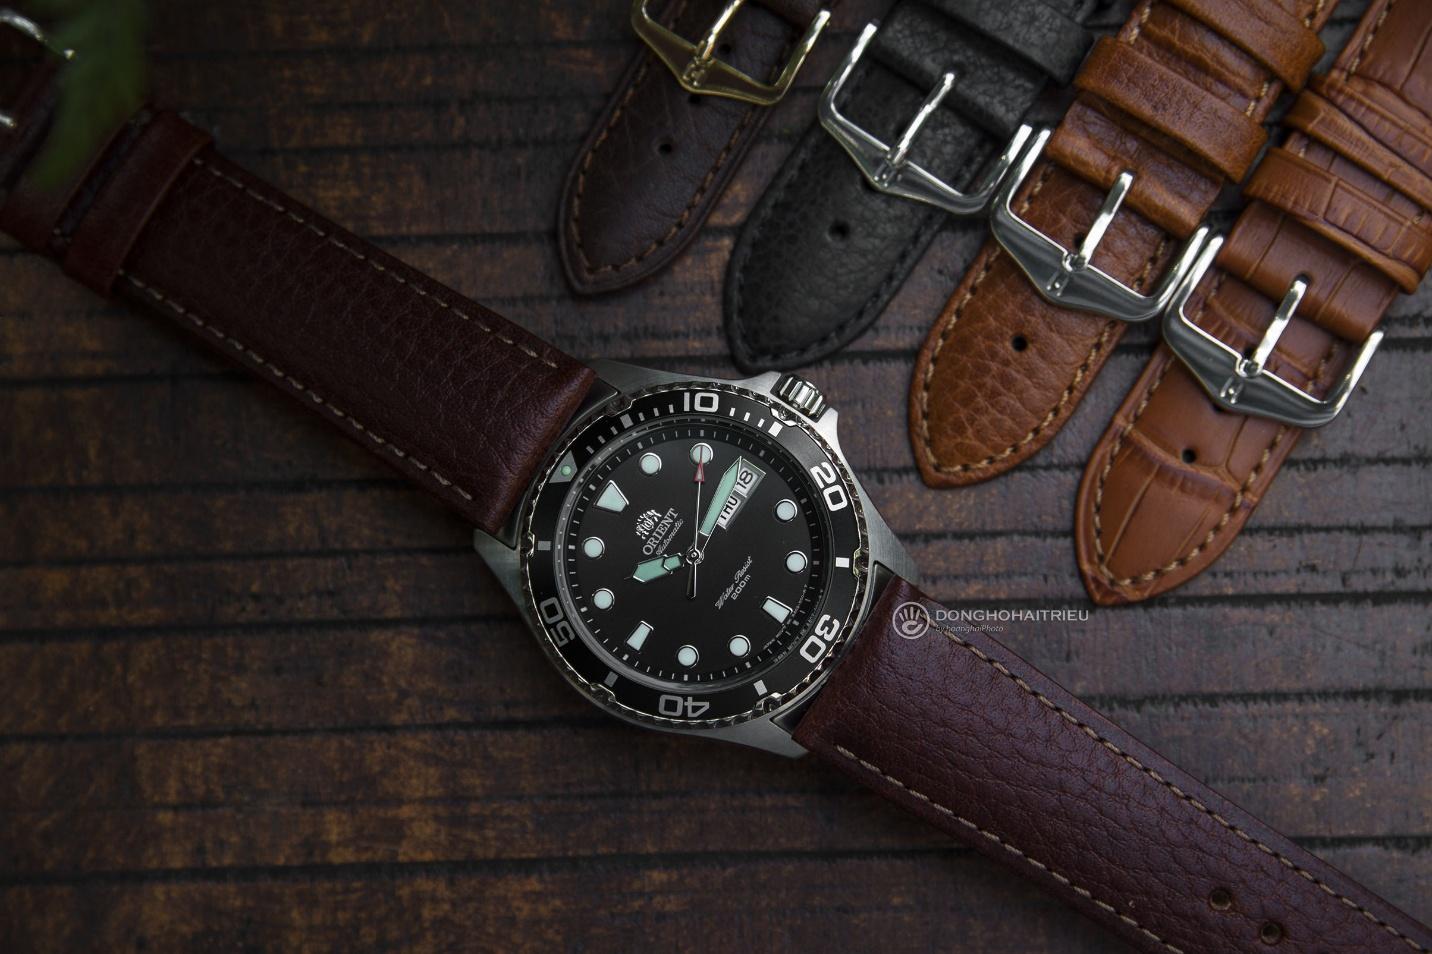 Bộ sưu tập dây da được các thương hiệu đồng hồ nổi tiếng thế giới ưa chuộng - Ảnh 4.